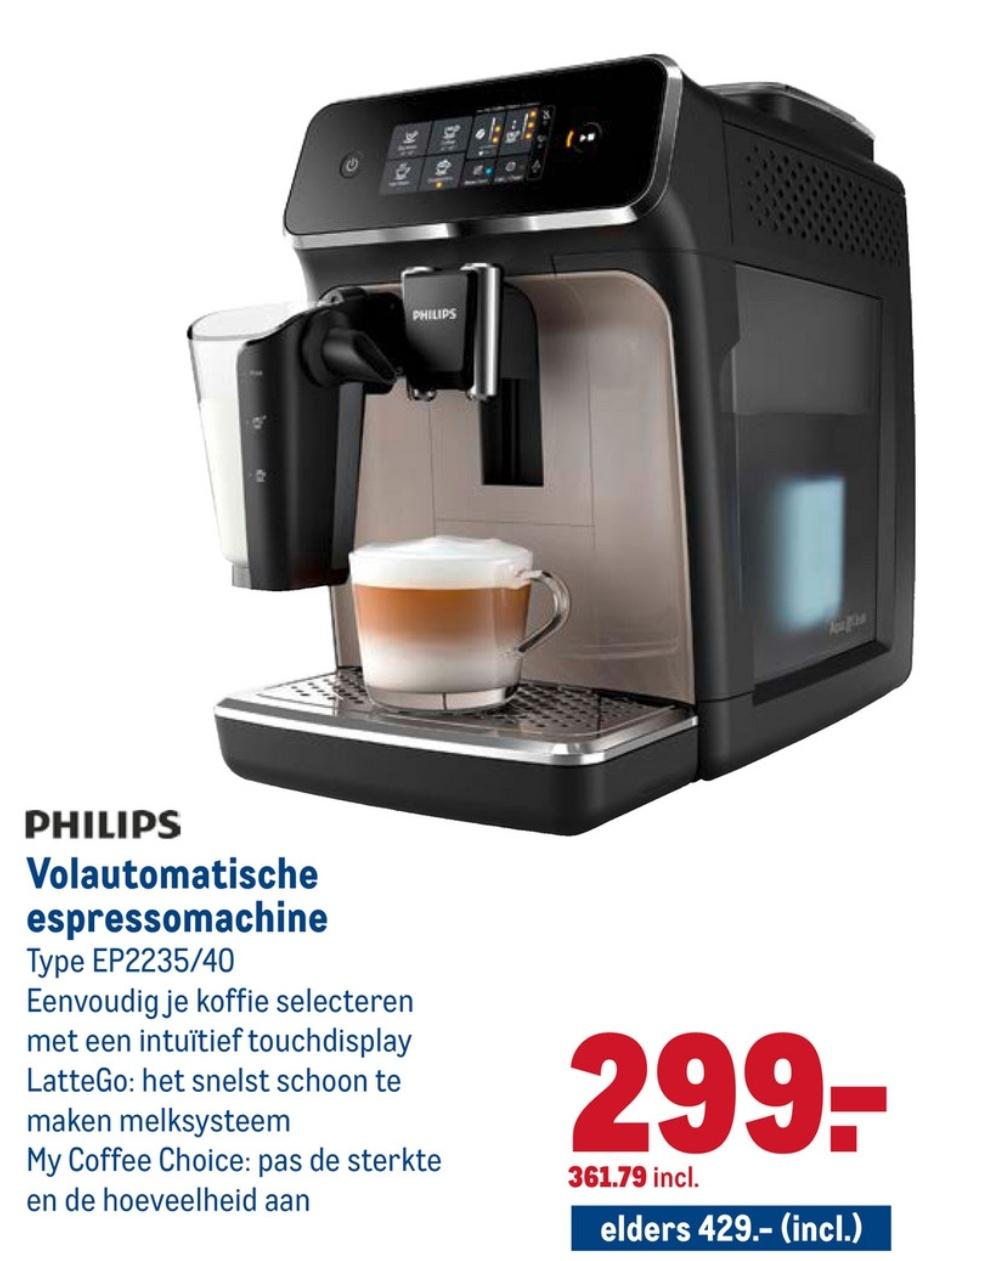 120064-VW5Aa.jpg